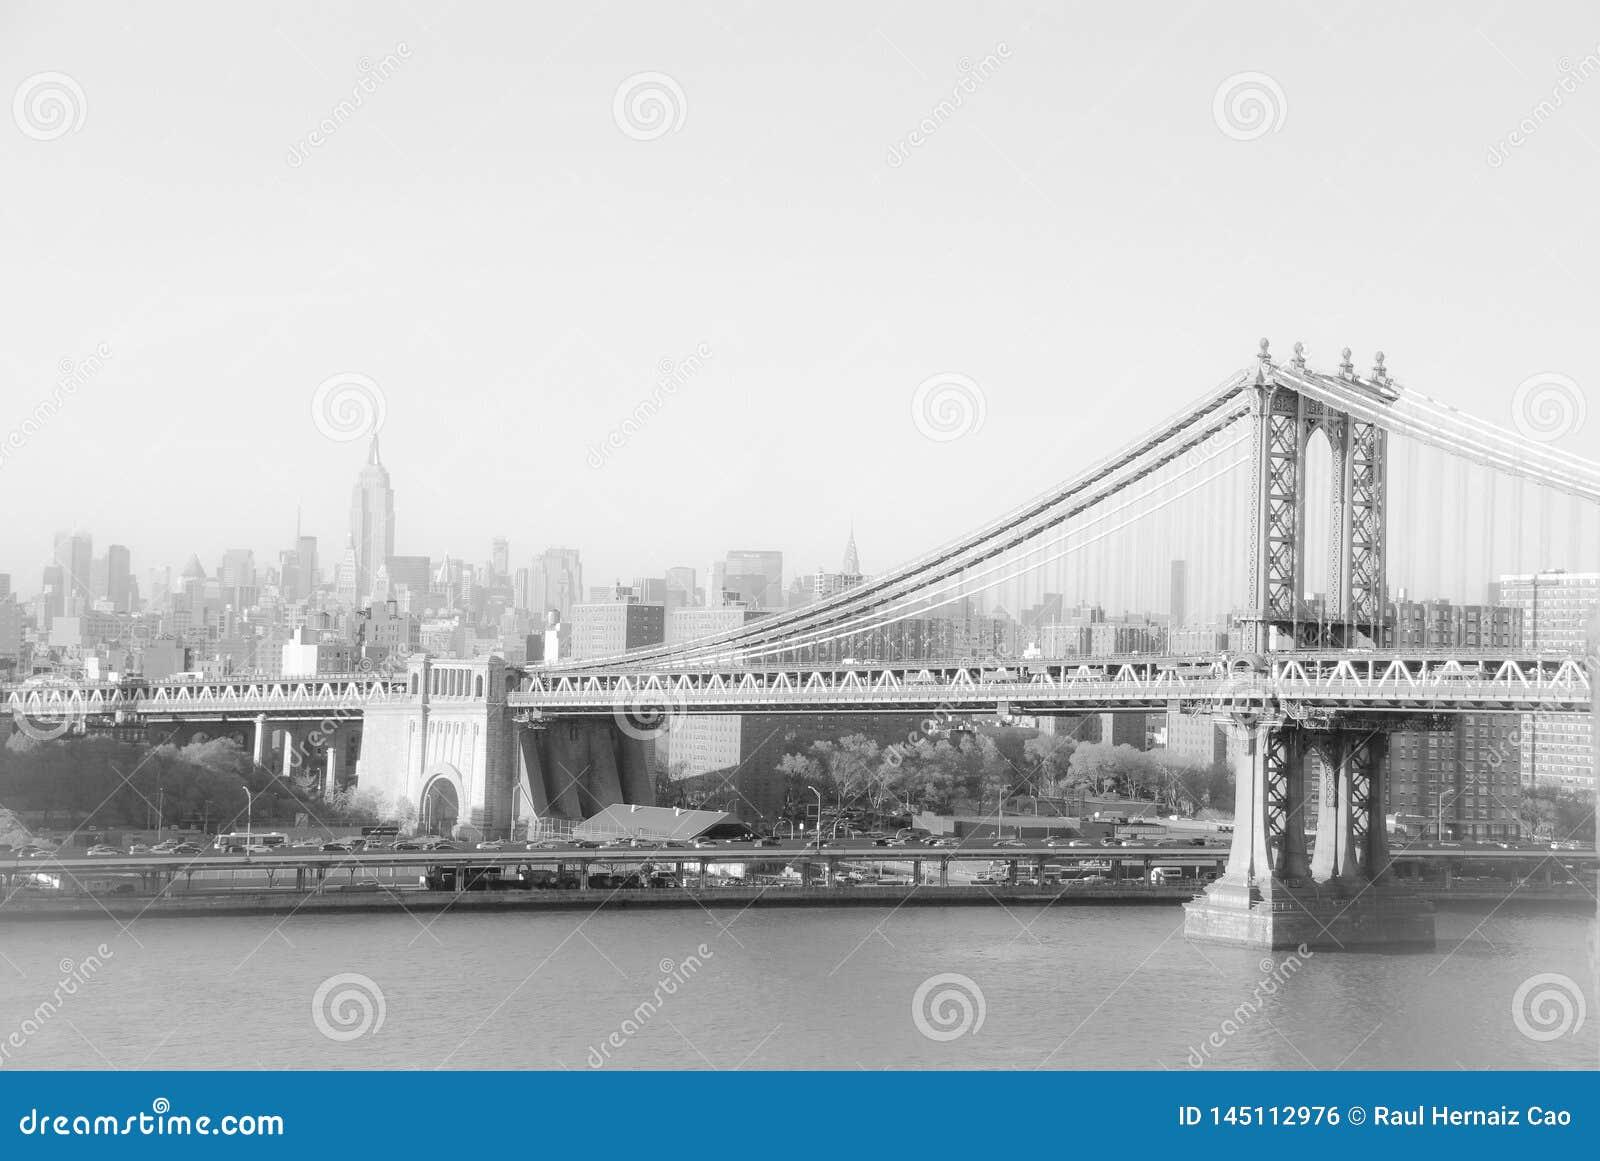 Бруклинский мост и Эмпайр-стейт-билдинг в Нью-Йорке